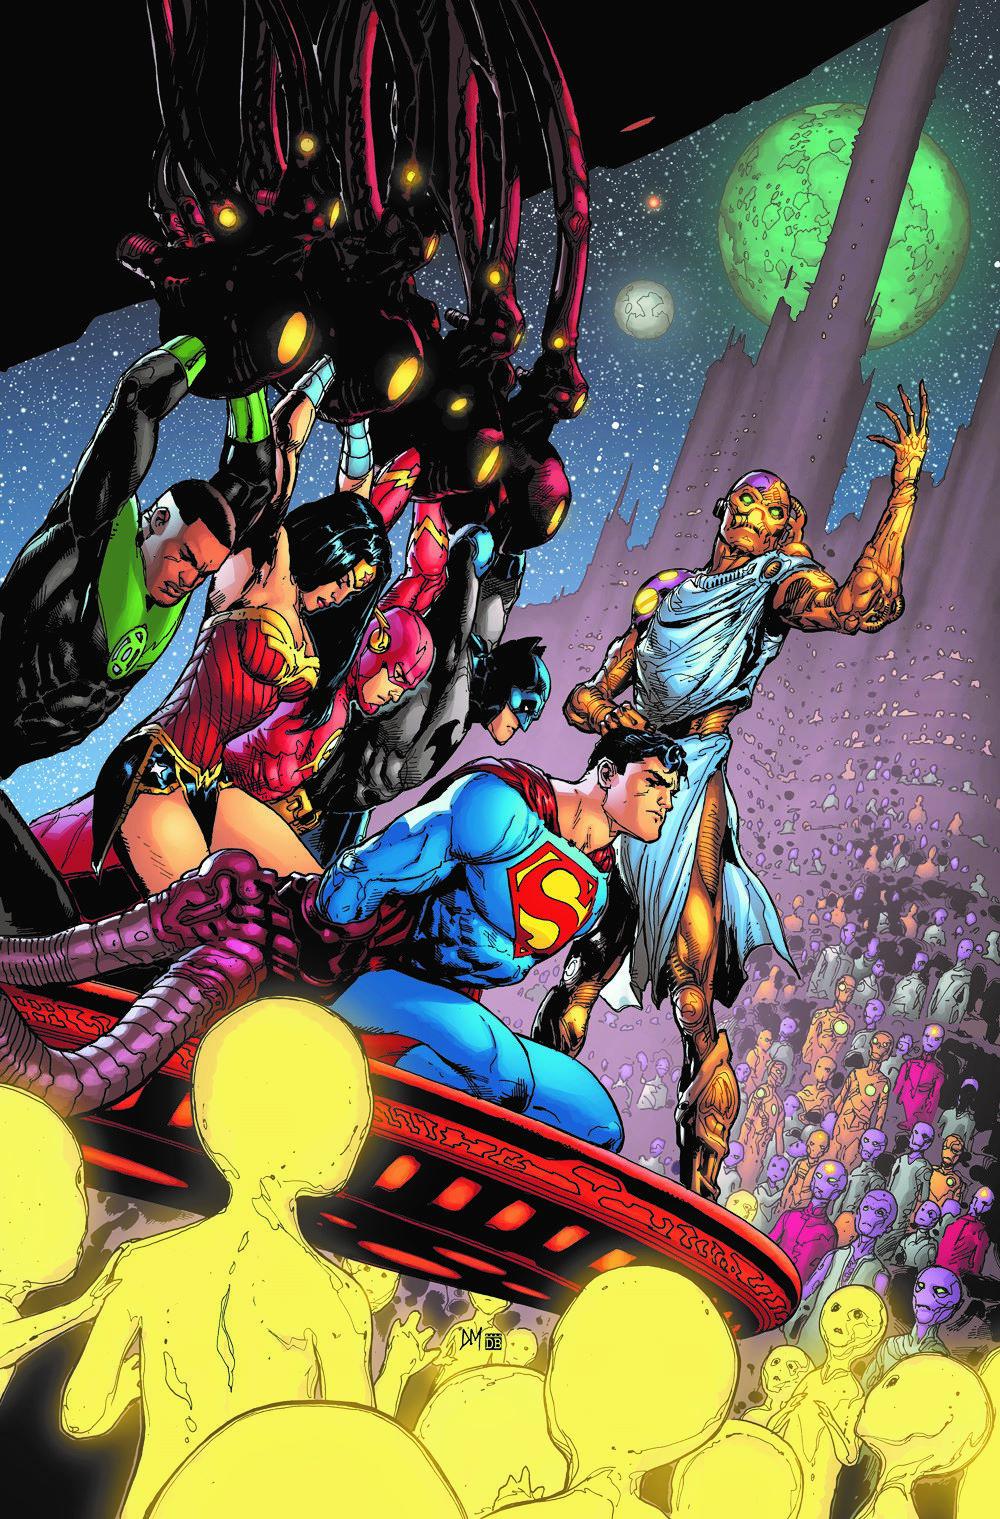 JL-GALAXY-OF-TERRORS DC Comics April 2021 Solicitations